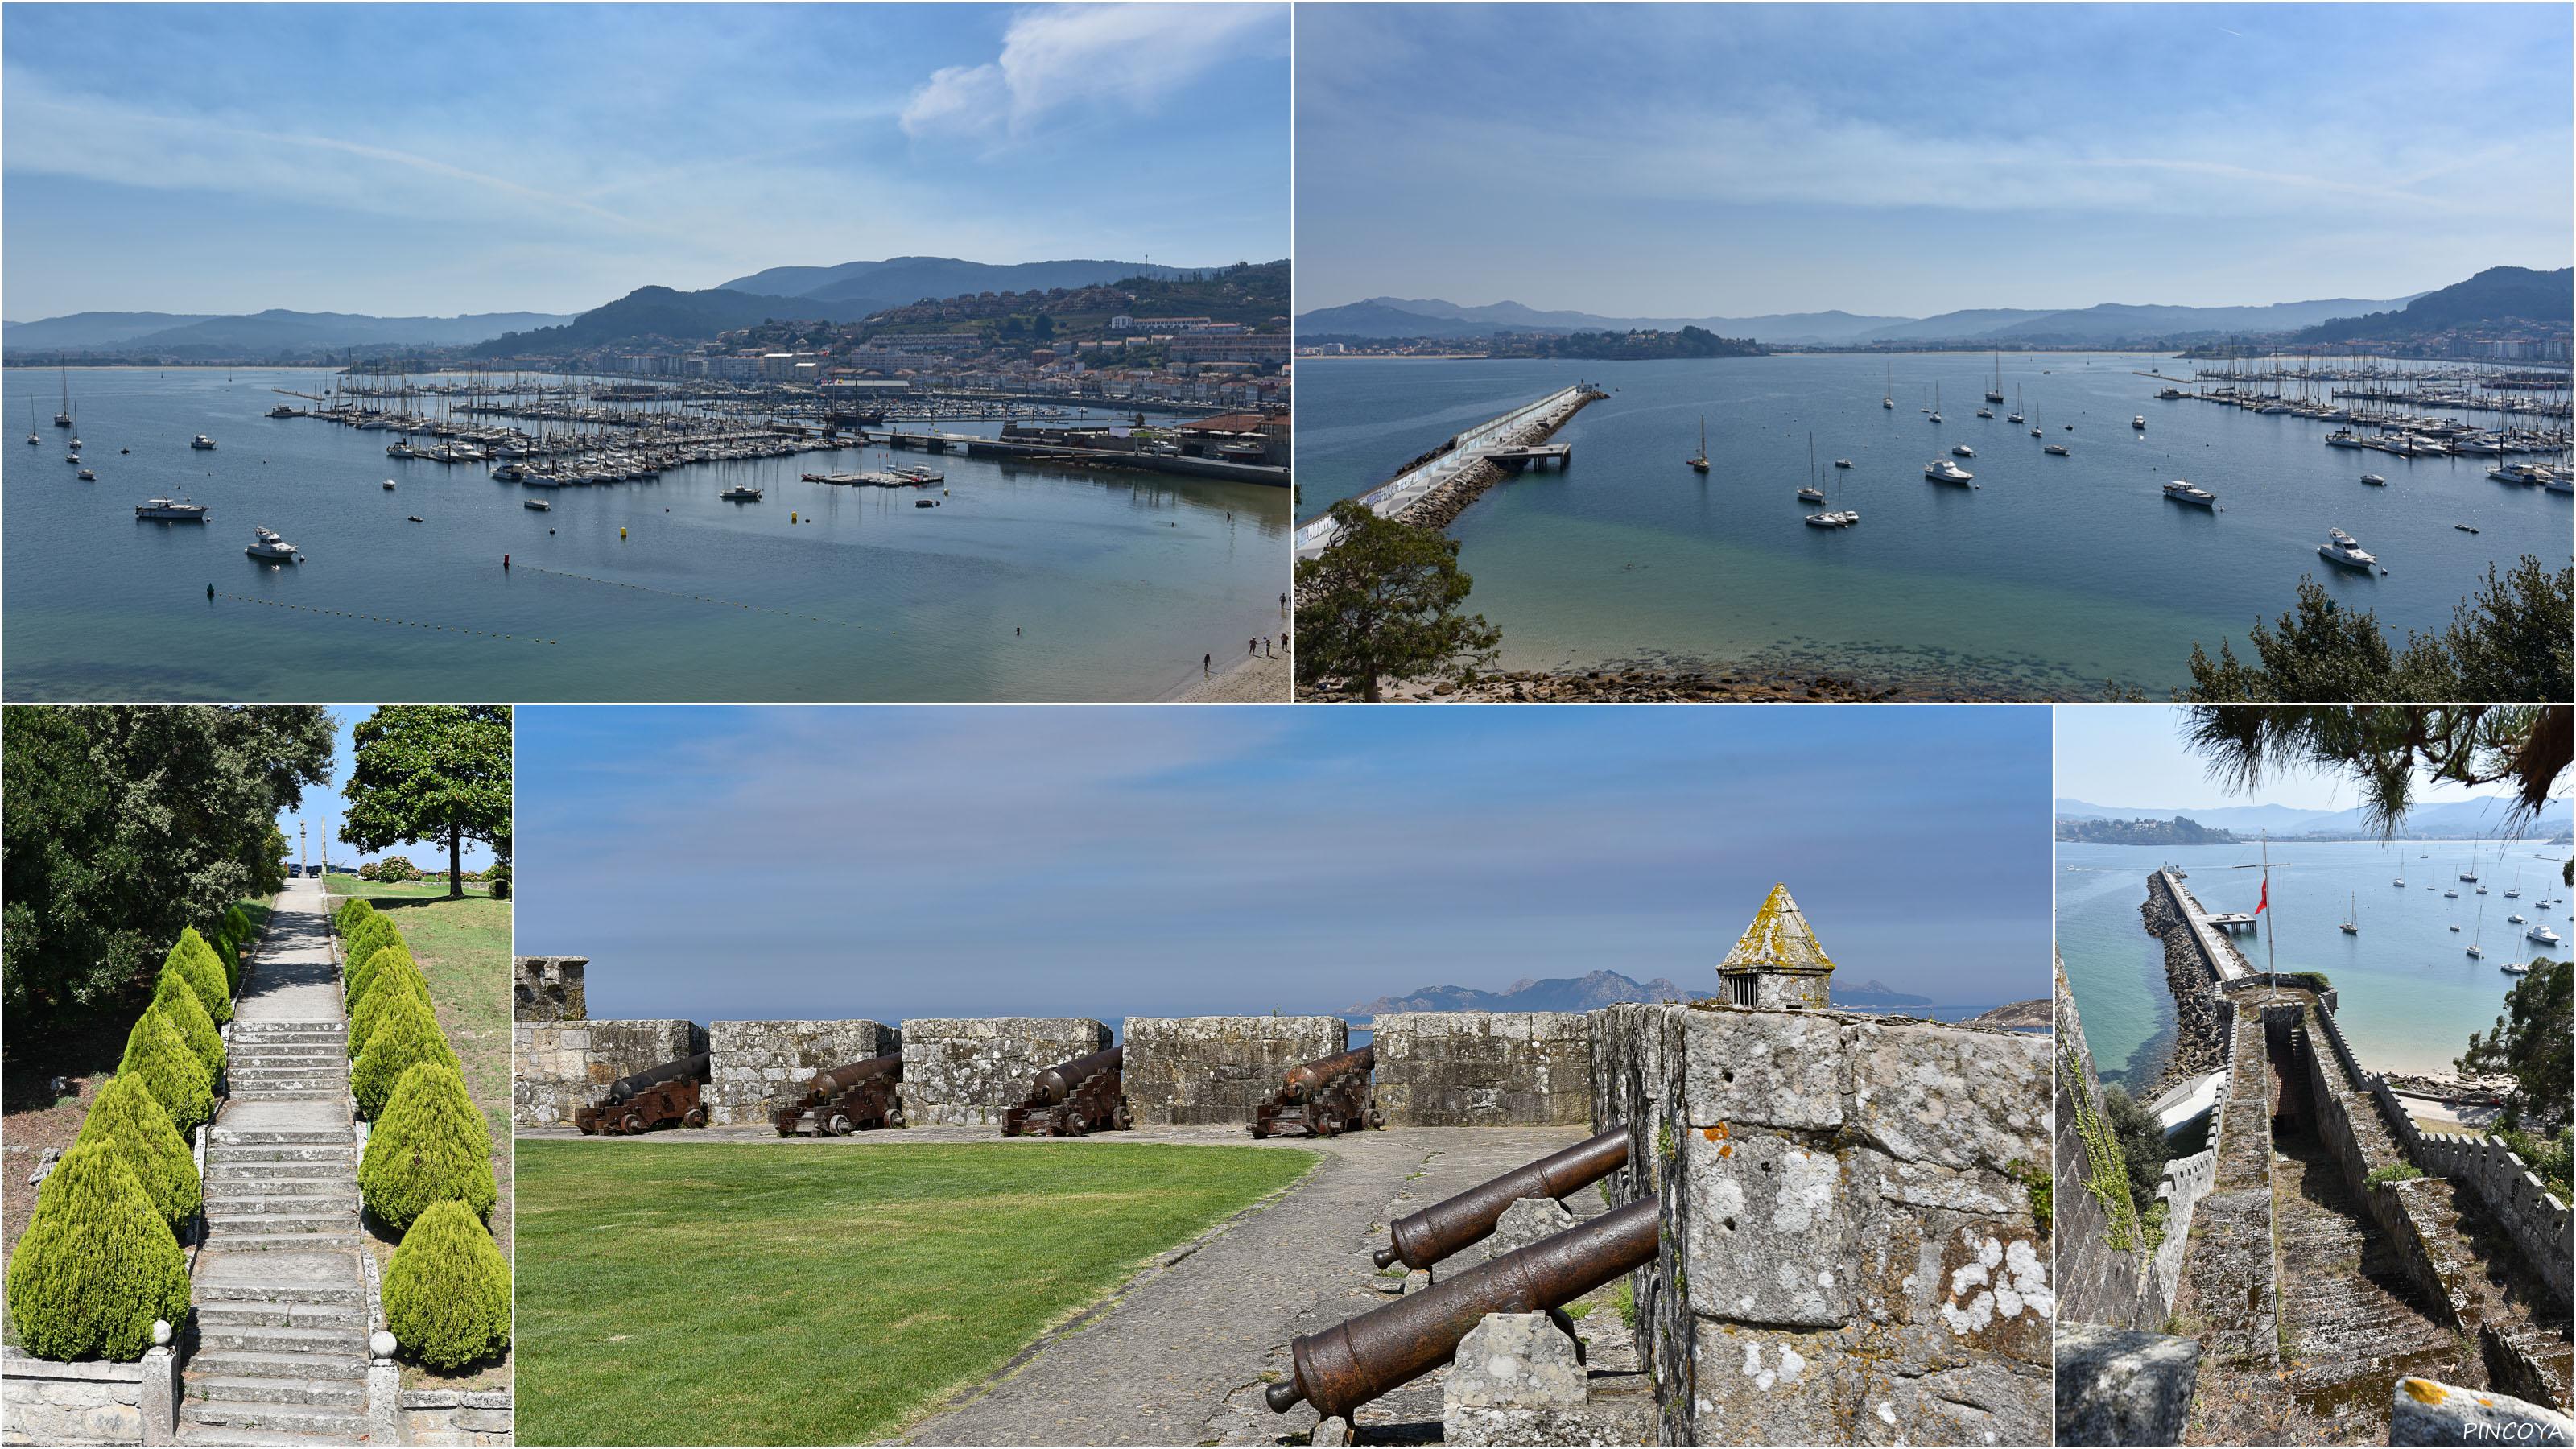 """""""Heute steht auf der Halbinsel der Burgfestung ein Hotel, aber die Halbinsel ist für Besucher offen und das Hotel hat man »historisch eingepasst«."""""""